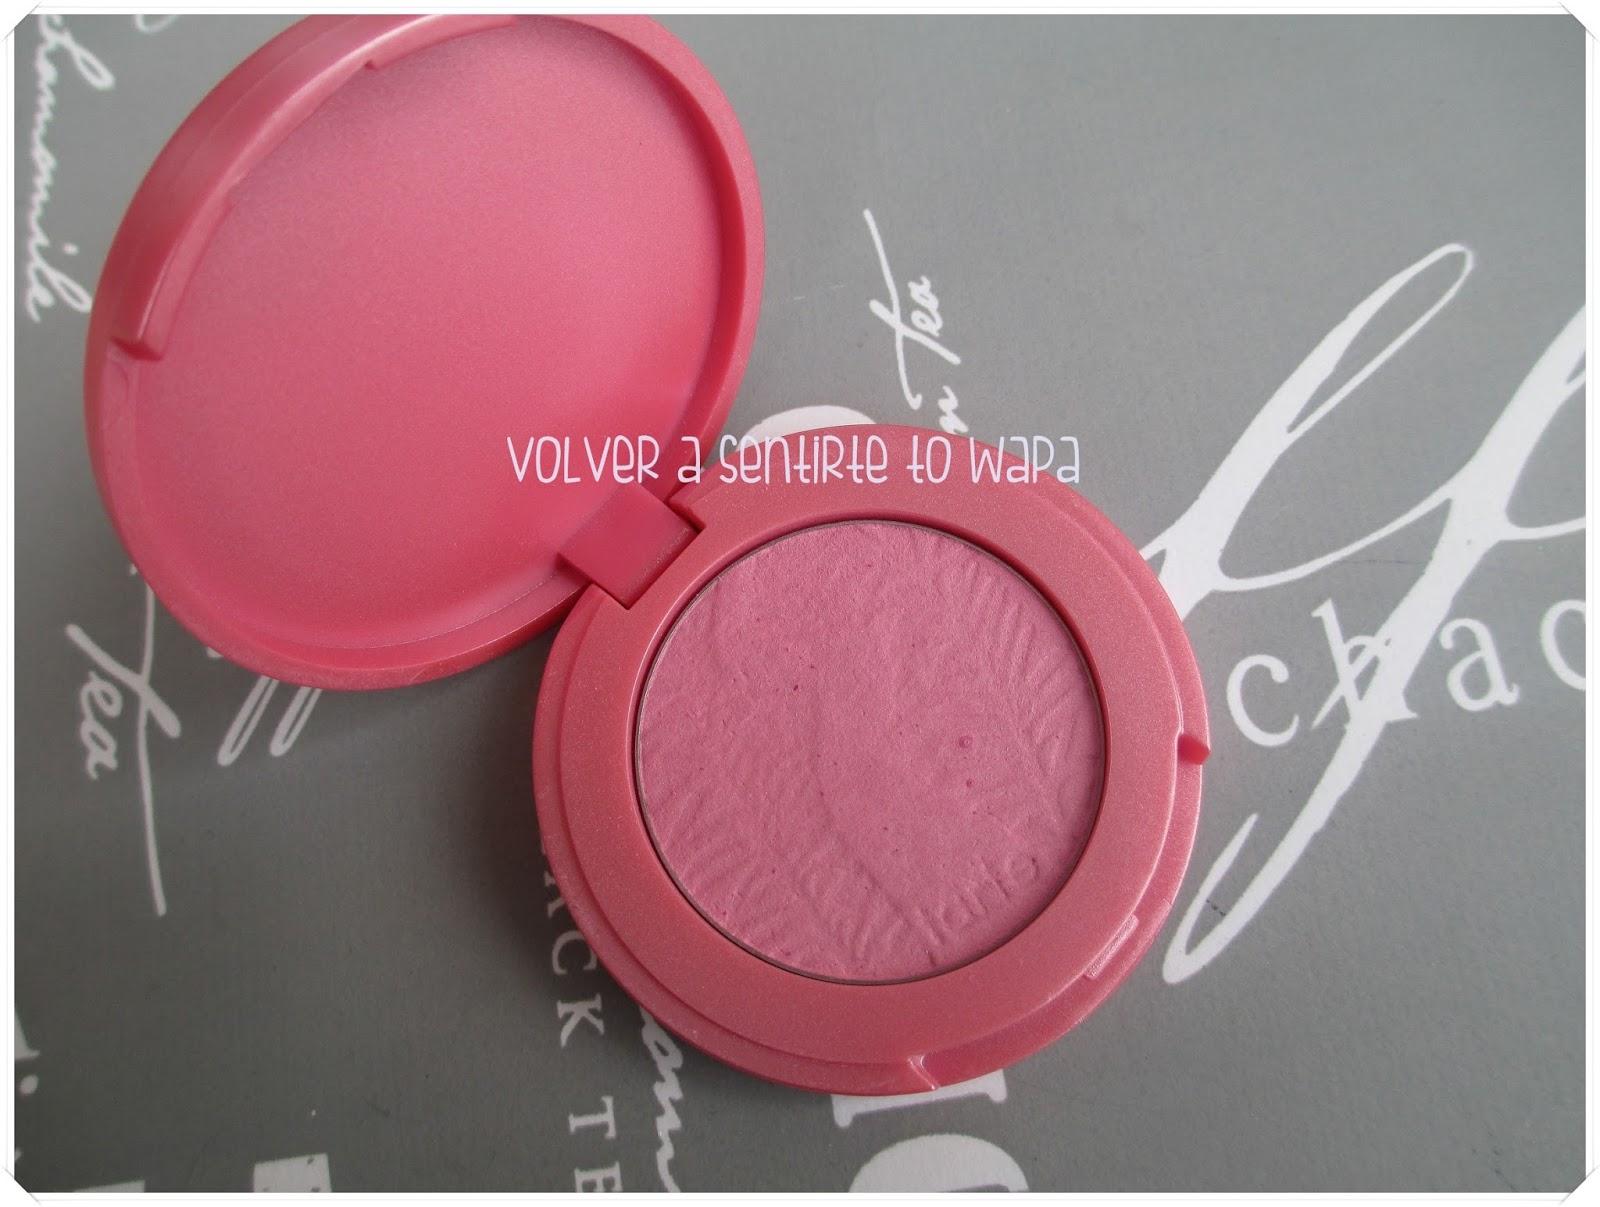 Colorete Dollface de Tarte Cosmetics